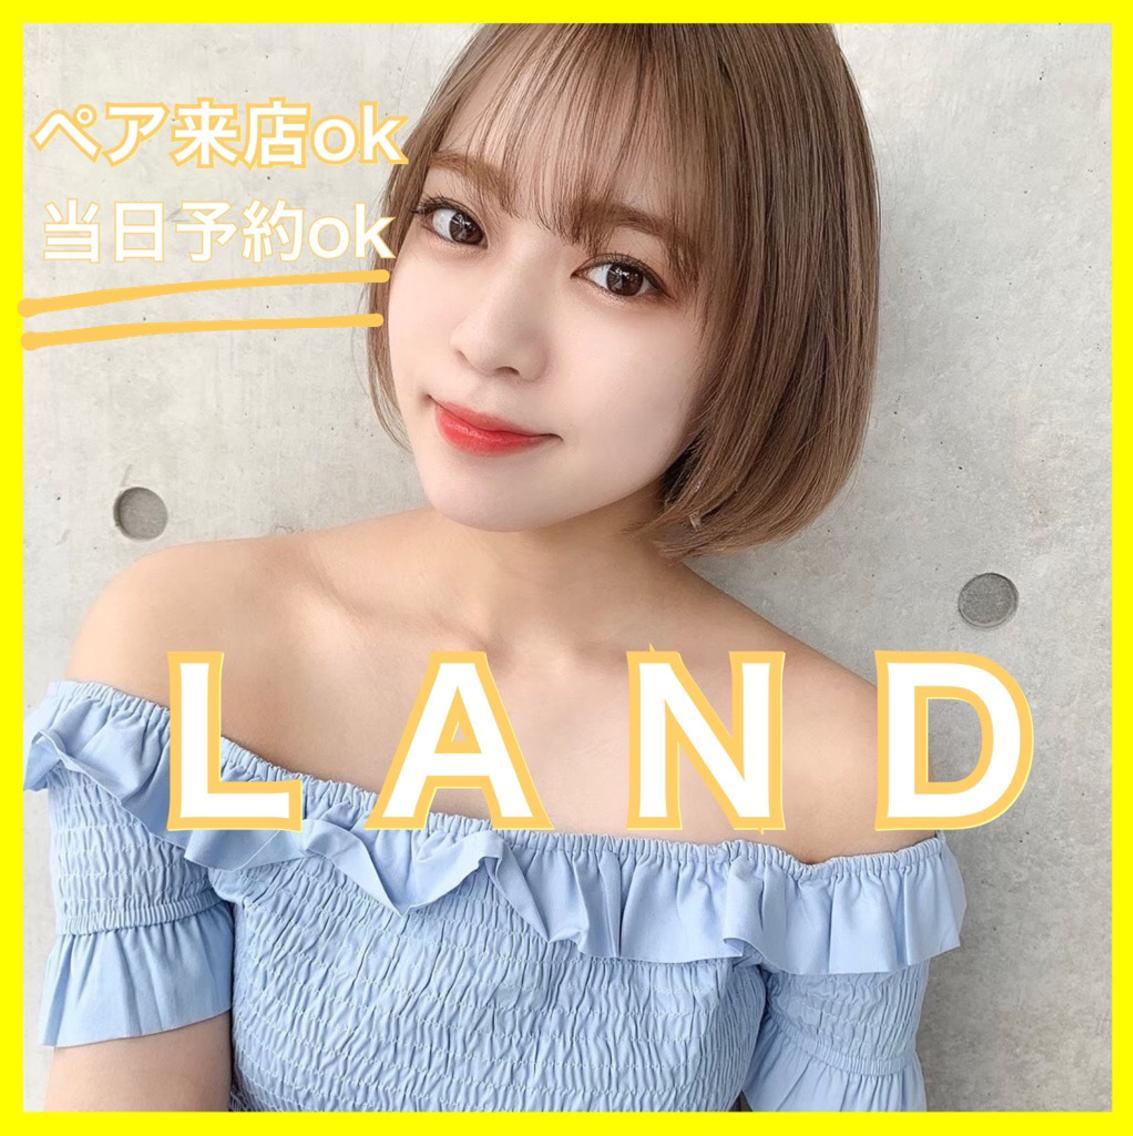 LAND(she)所属・💖ゆるふわ・透明感 薮崎壮汰💖の掲載